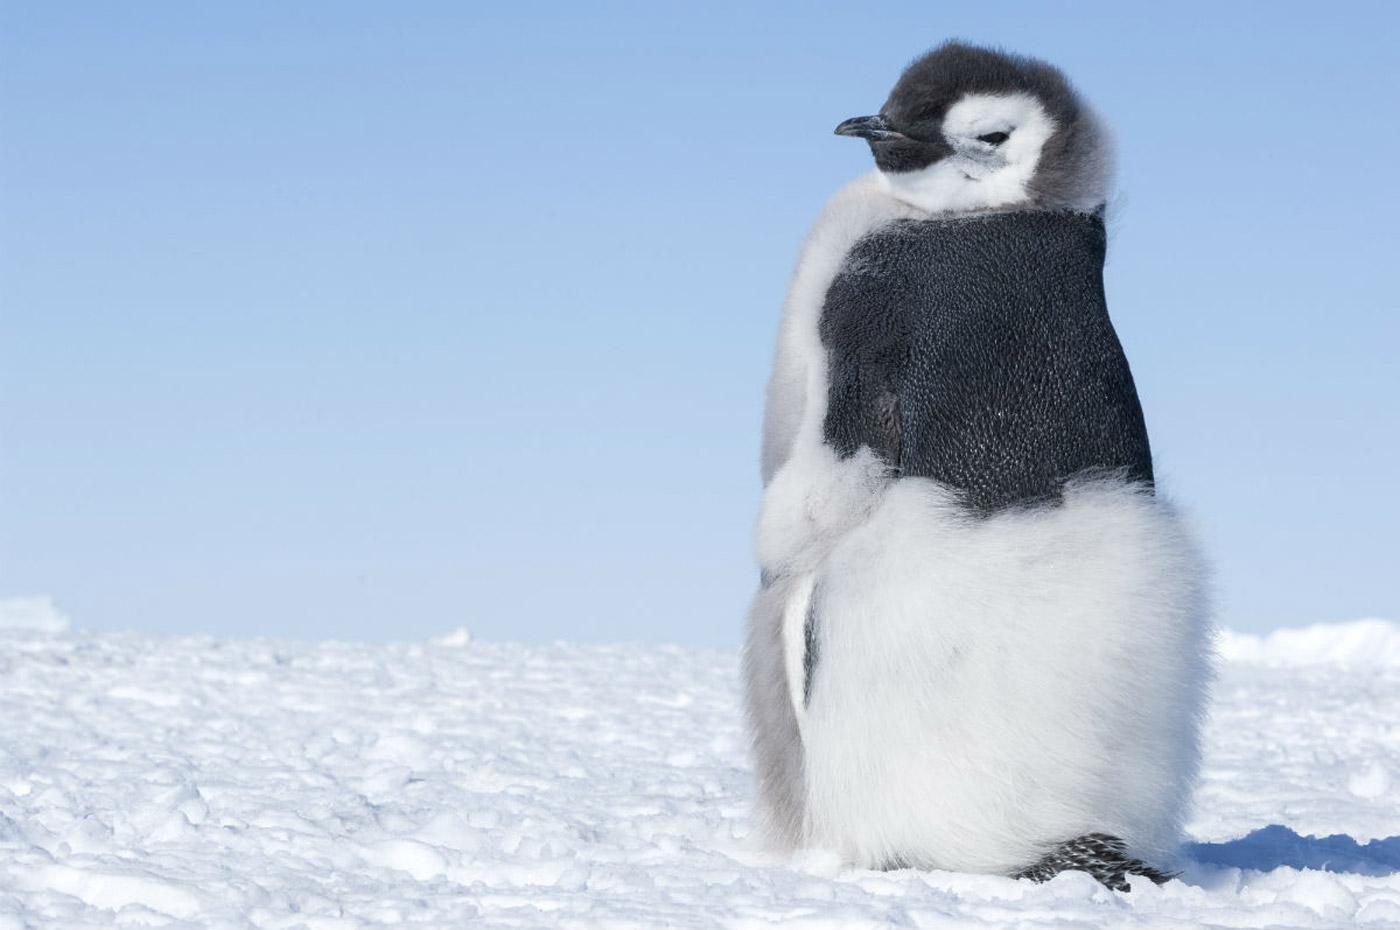 La marcia dei pinguini il richiamo cineclandestino for Ti richiamo